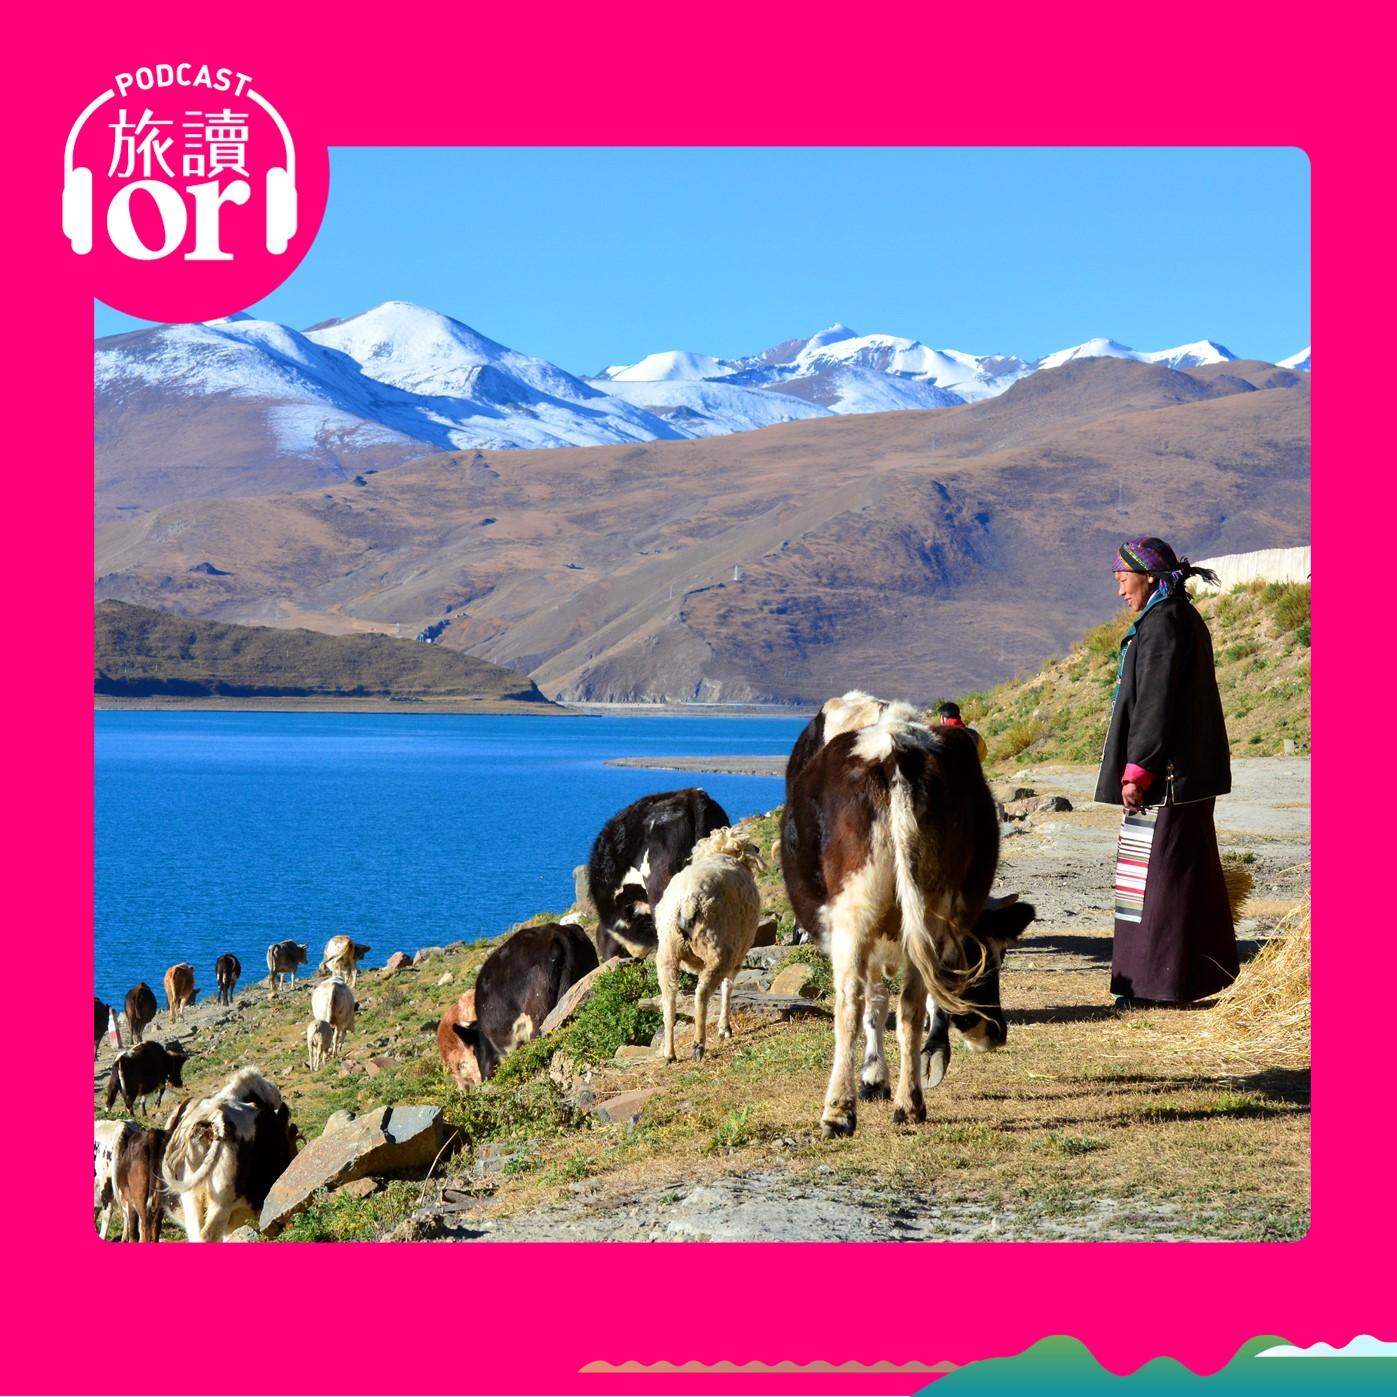 【萬旅千思】善惡雙胞胎:西藏的聖湖與鬼湖